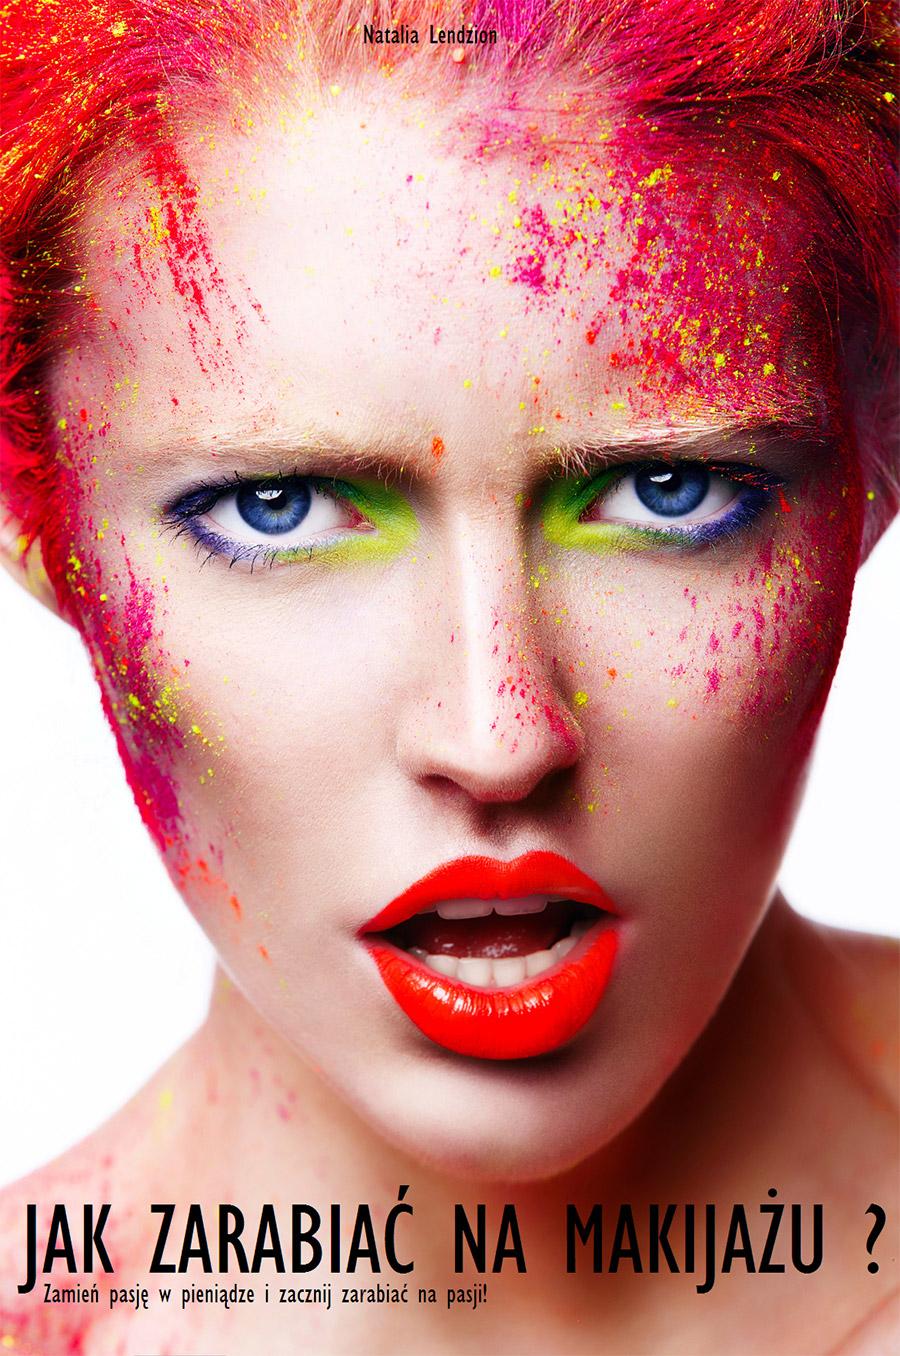 okładka książki jak zarabiać na makijażu